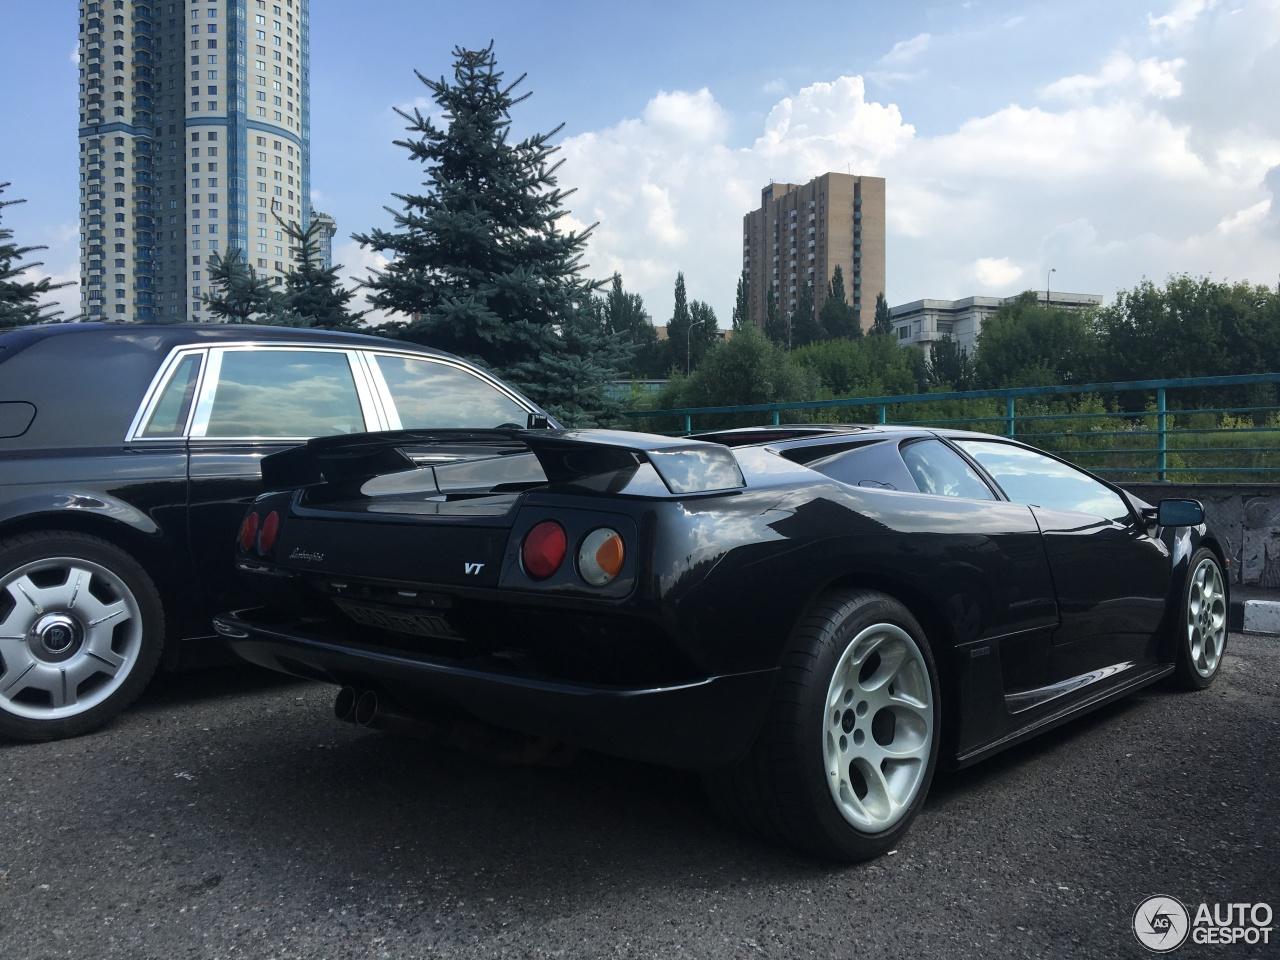 Lamborghini Diablo Vt 6 0 16 October 2016 Autogespot